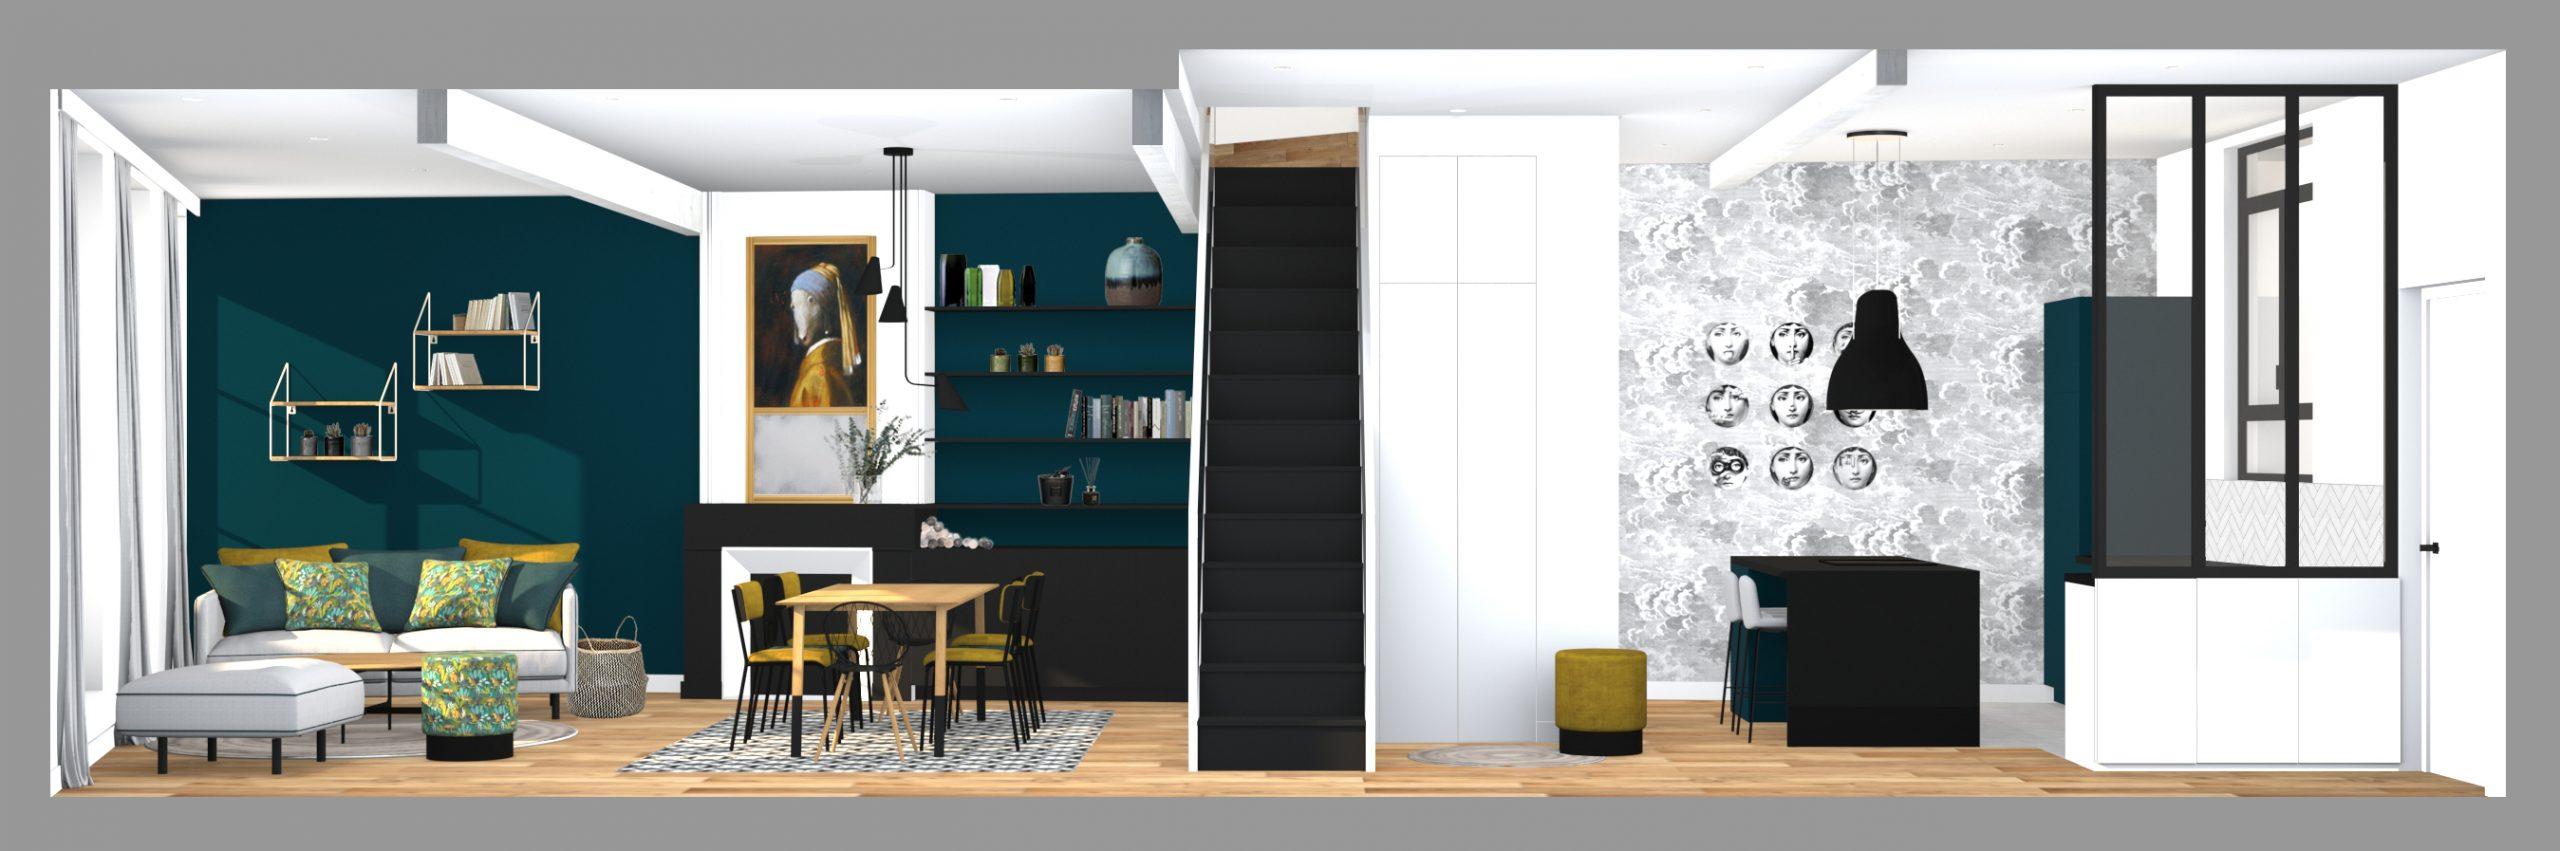 Bordeaux ✦ 2020 ✦ Rénovation complète d'un appartement avec cave-à-vin sur mesure